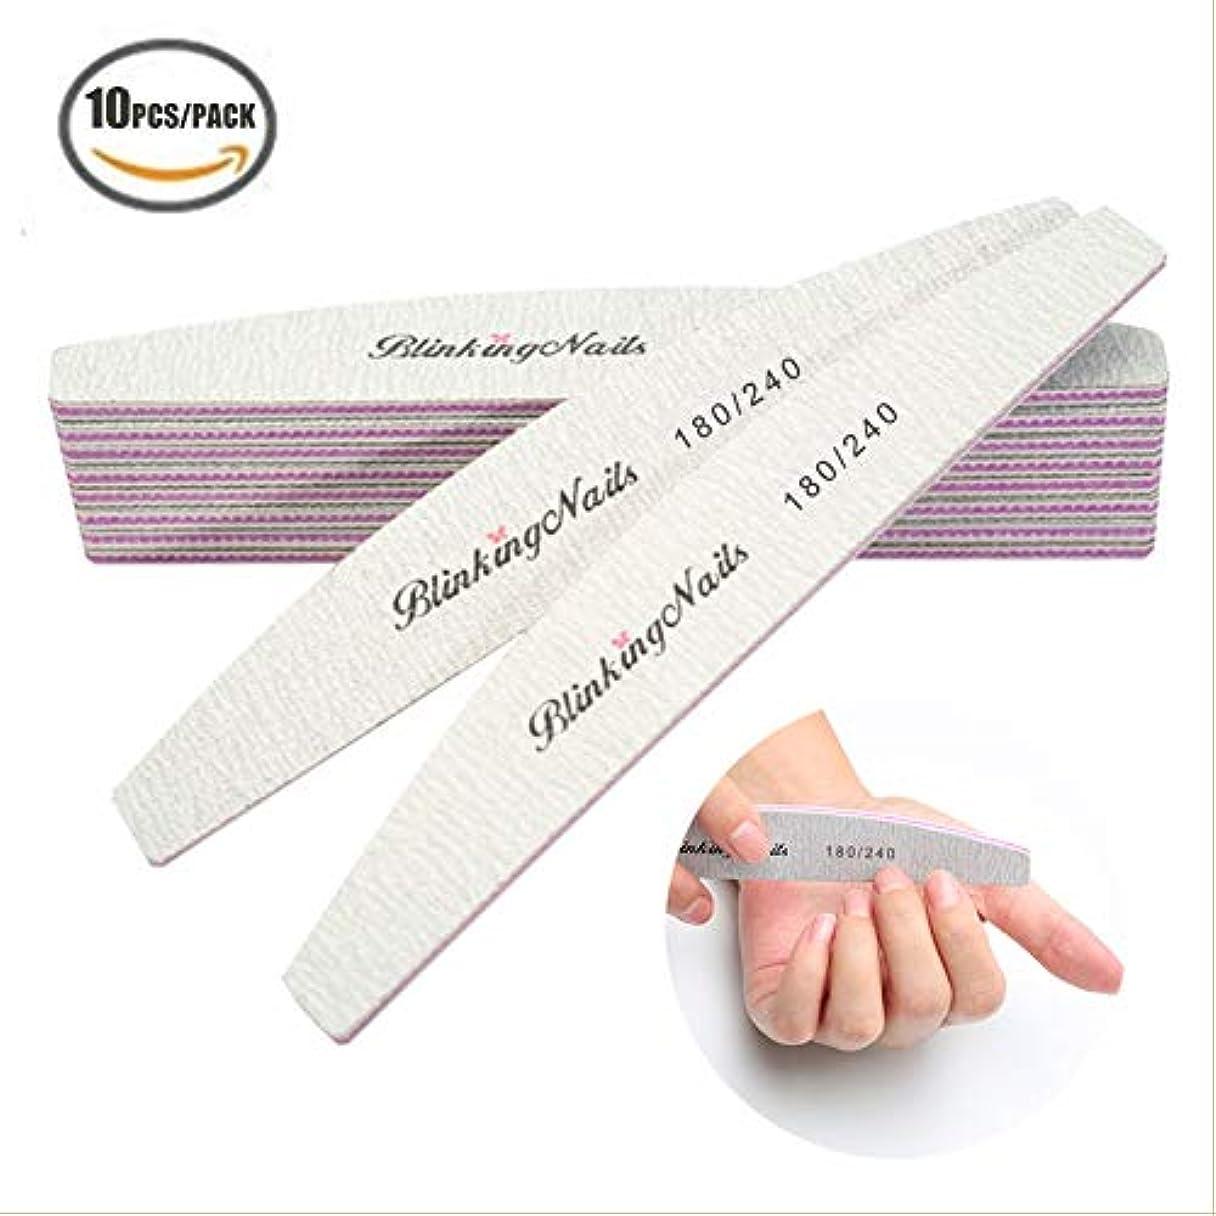 研磨ツール 爪やすり ネイルシャイナー ネイルケア 携帯に便利です 水洗いできます 洗濯可プロネイルやすり 10本入 180/240砂